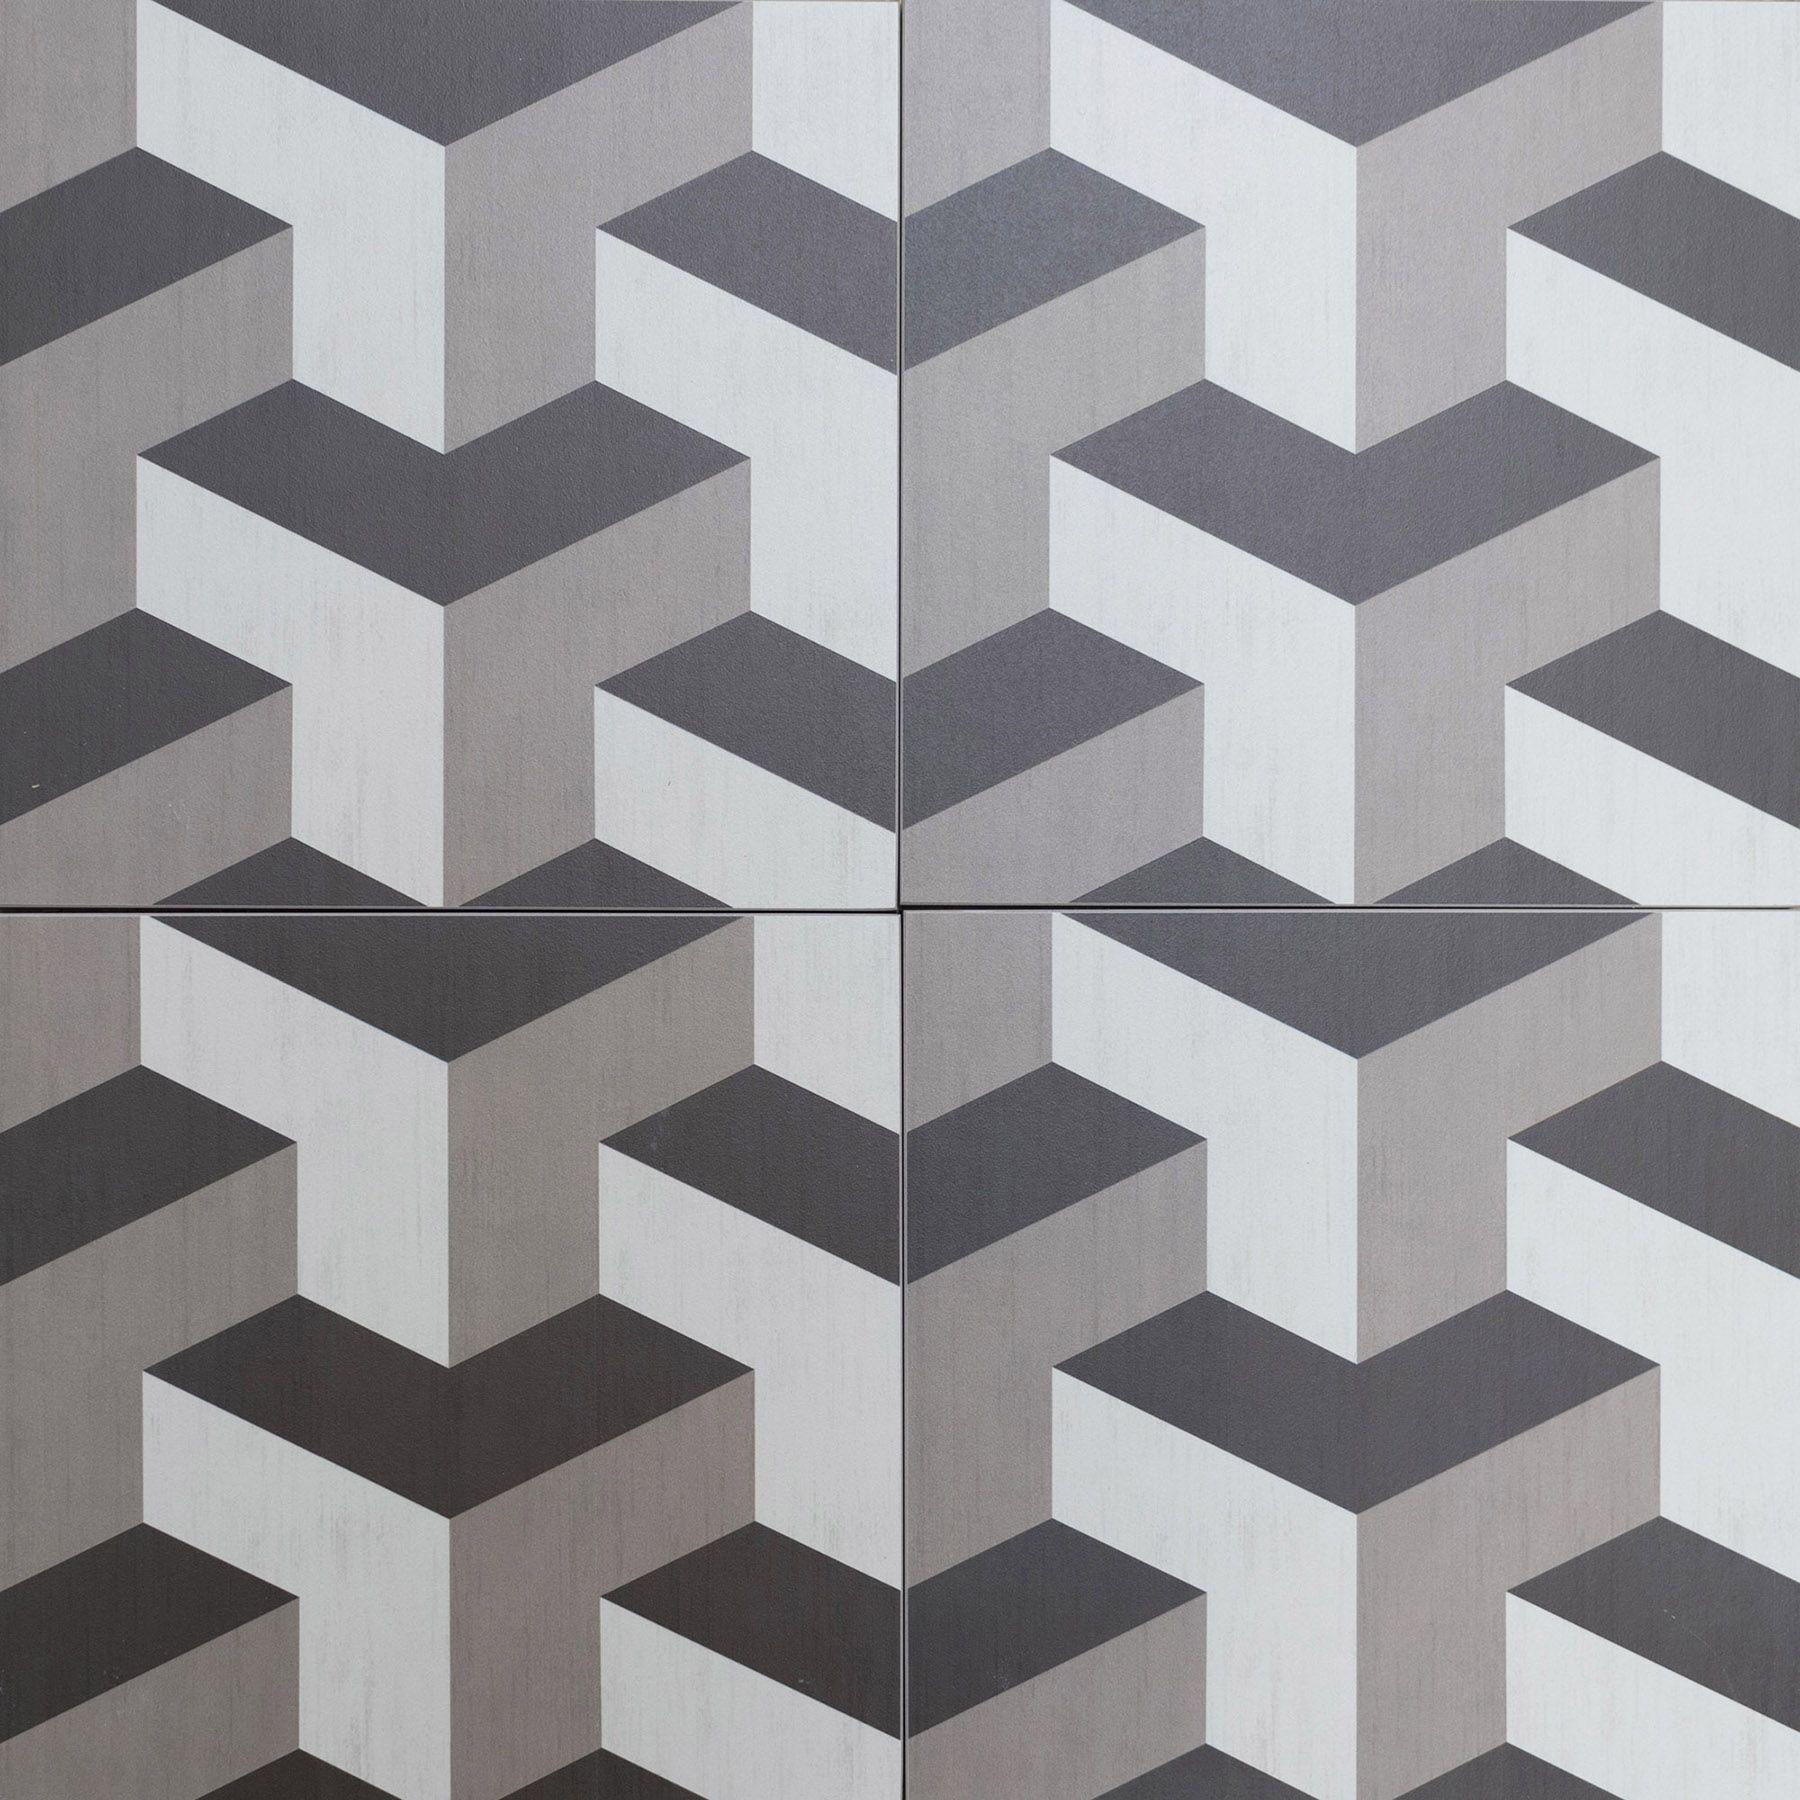 Cubic, Geometric, 3d Style Floor Tiles Encaustic Look